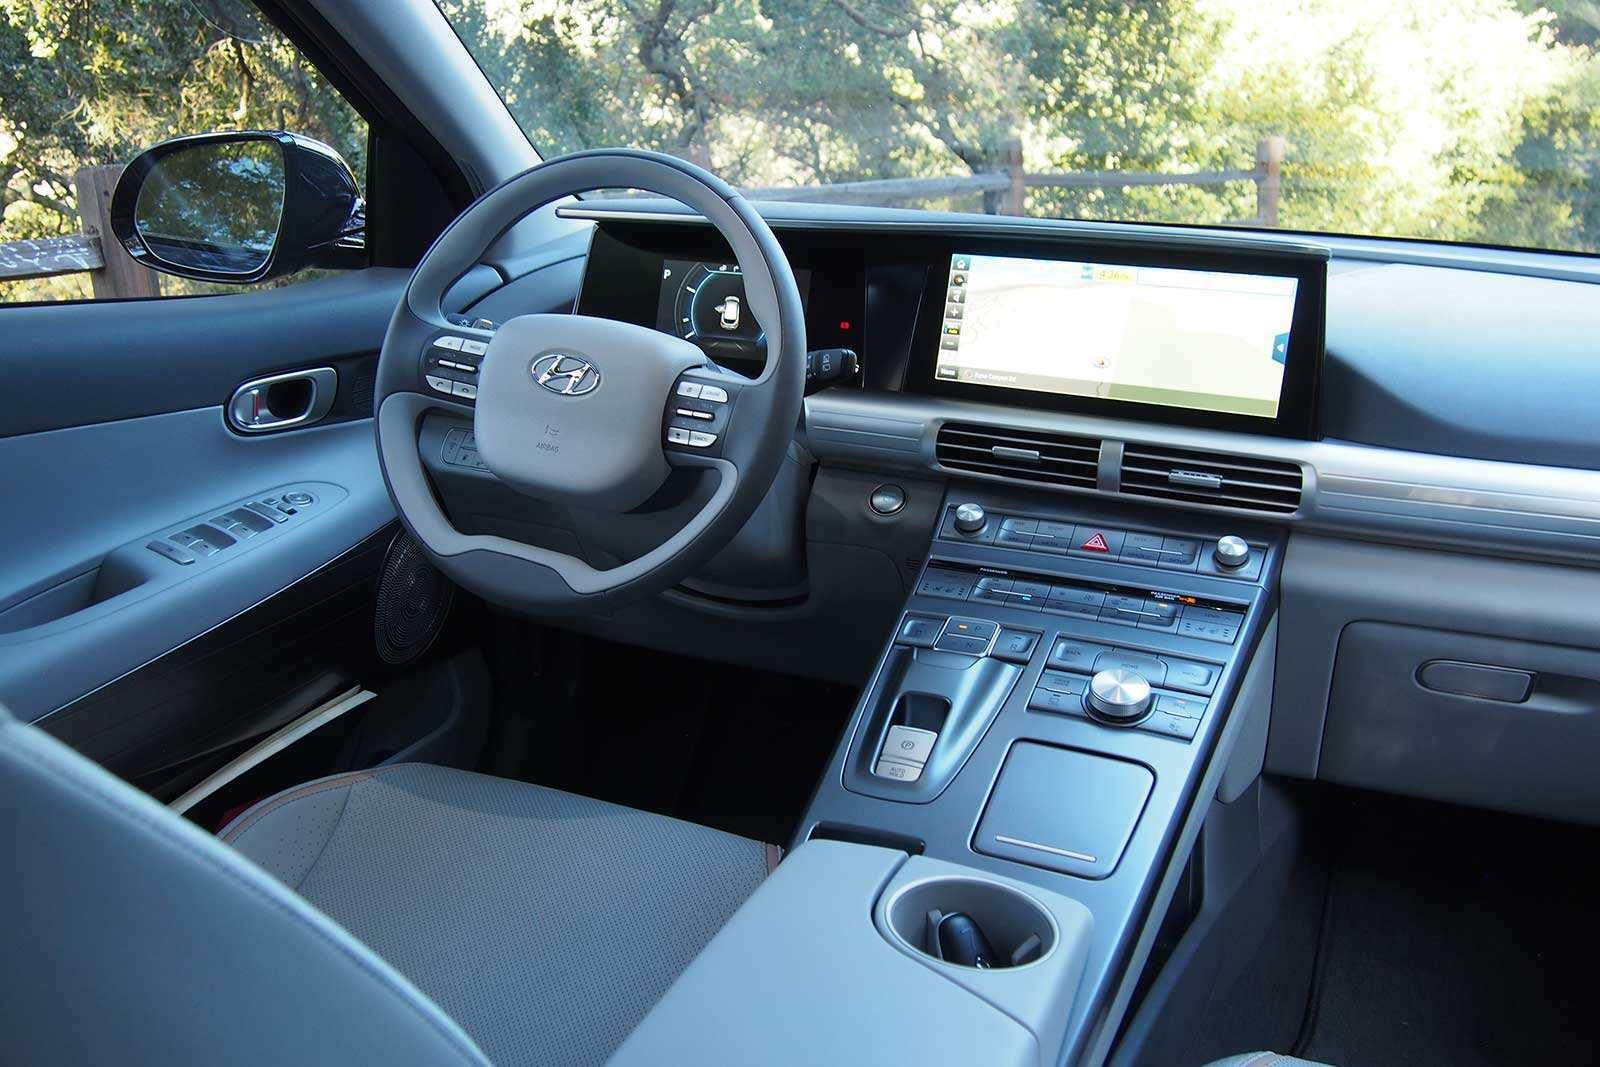 25 New 2019 Hyundai Nexo Interior Picture with 2019 Hyundai Nexo Interior